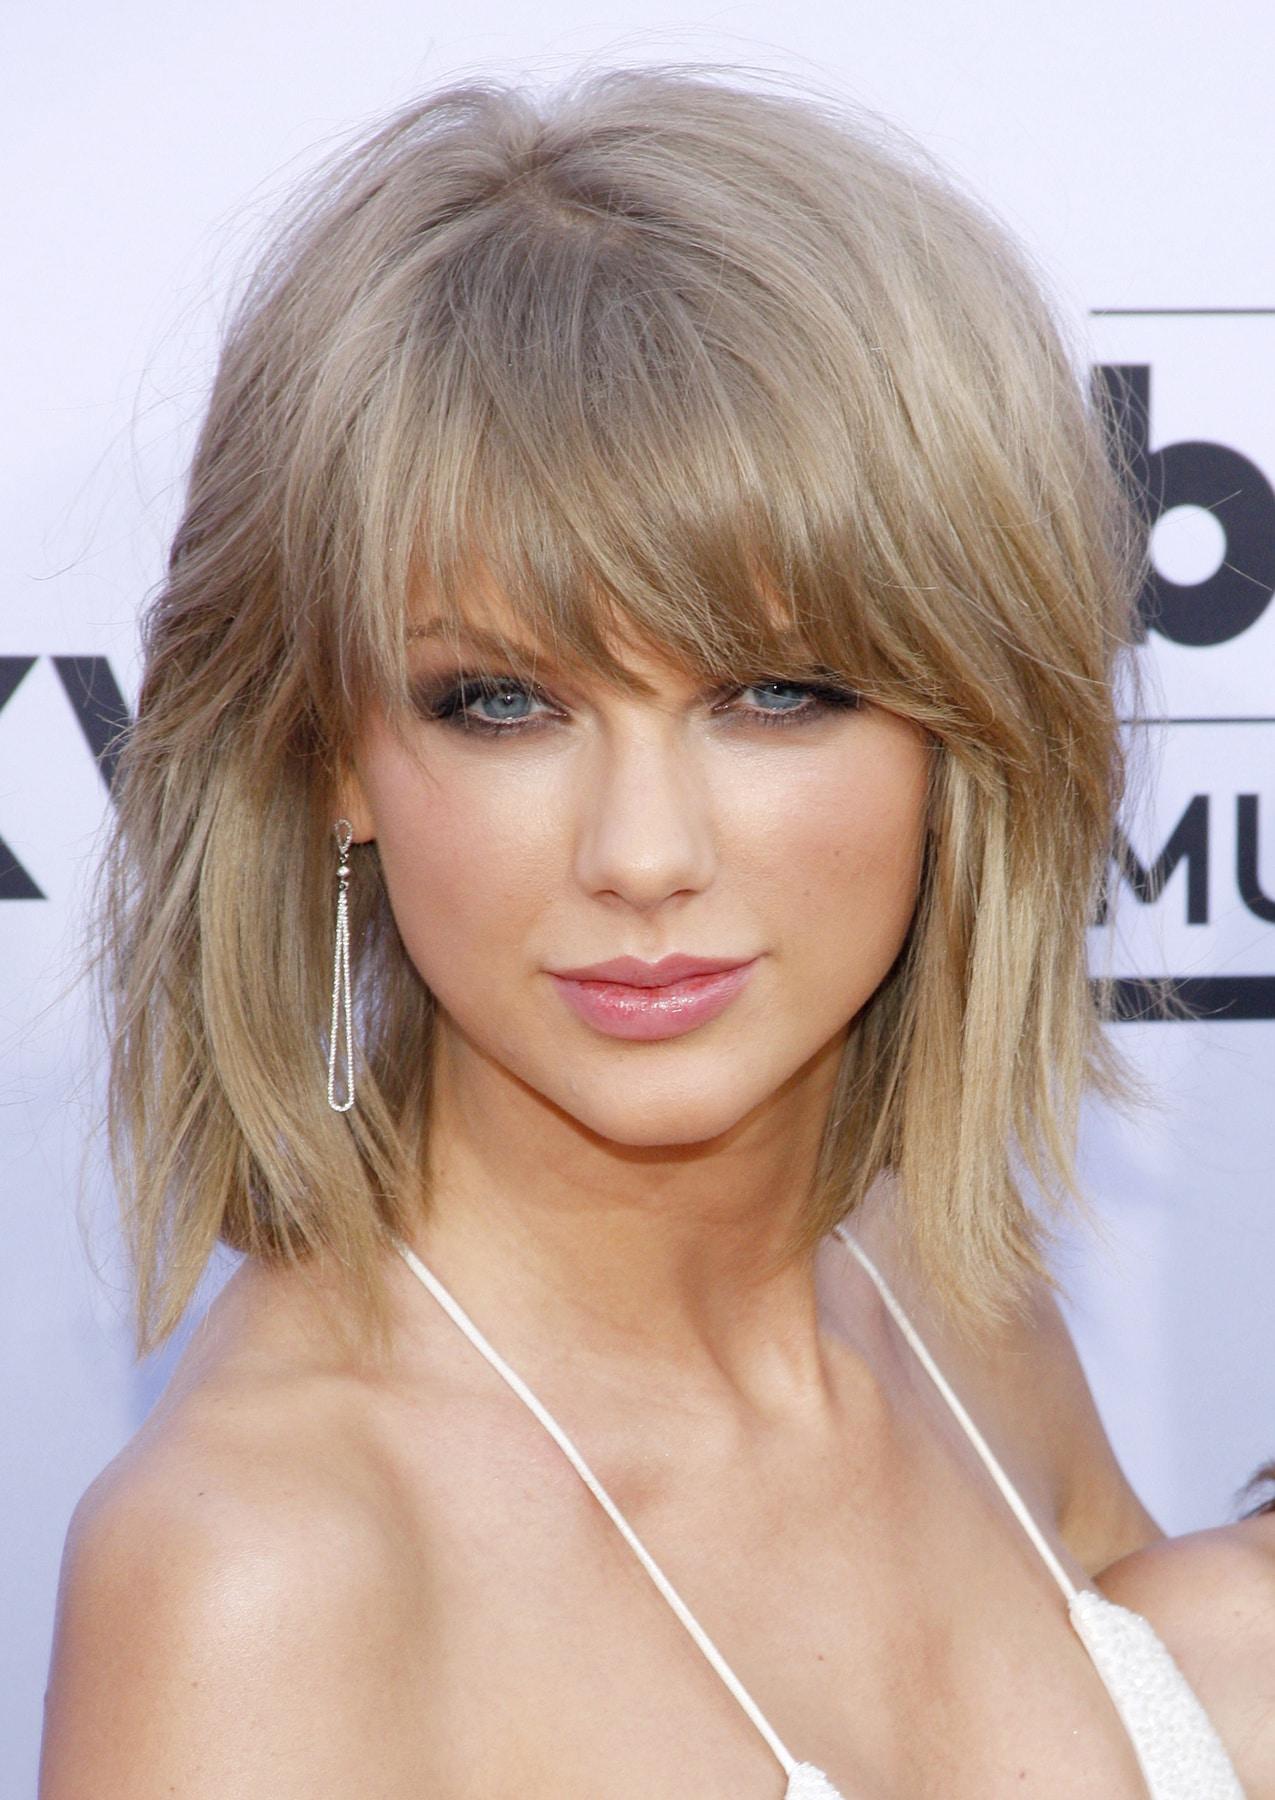 สีผมบลอนด์เข้ม เทย์เลอร์ สวิฟต์ (Taylor Swift)